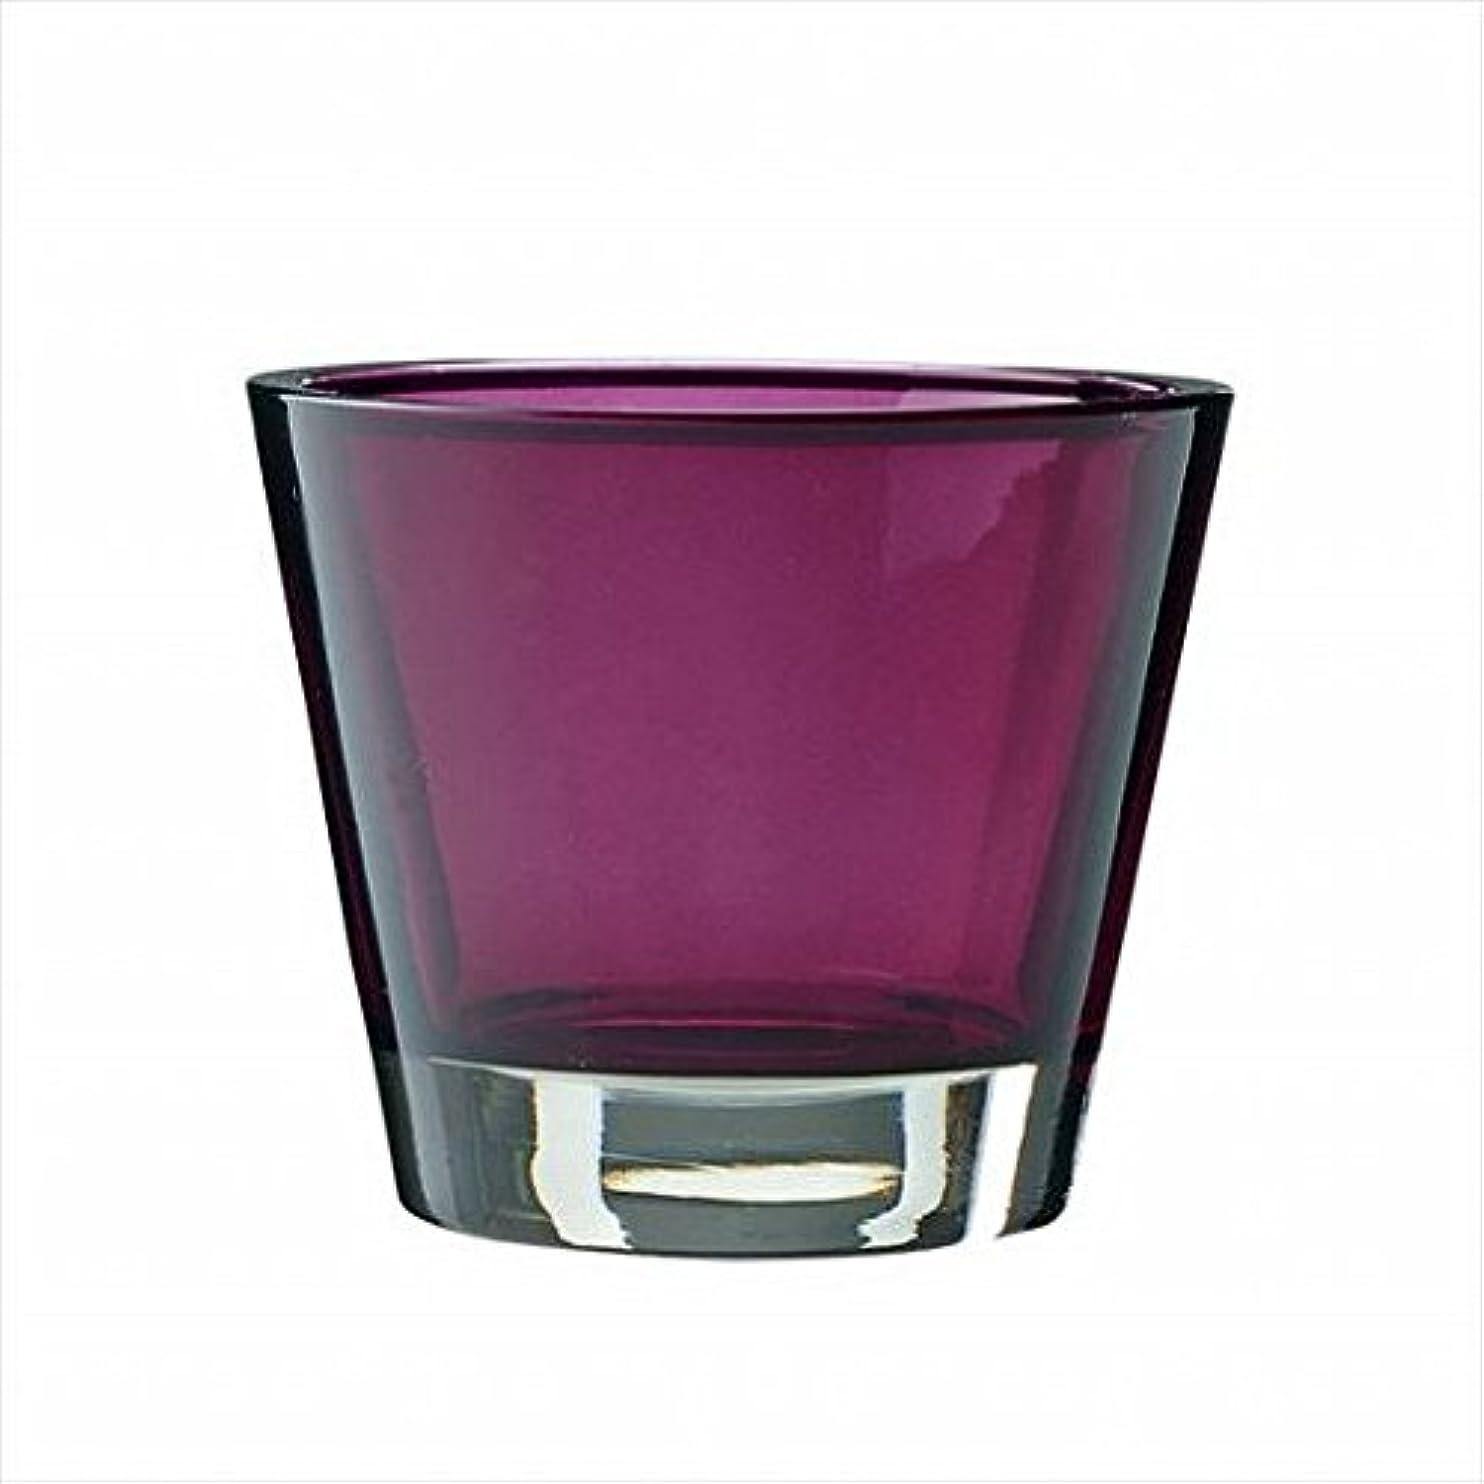 パンツいつでもファンkameyama candle(カメヤマキャンドル) カラリス 「 プラム 」 キャンドル 82x82x70mm (J2540000PL)